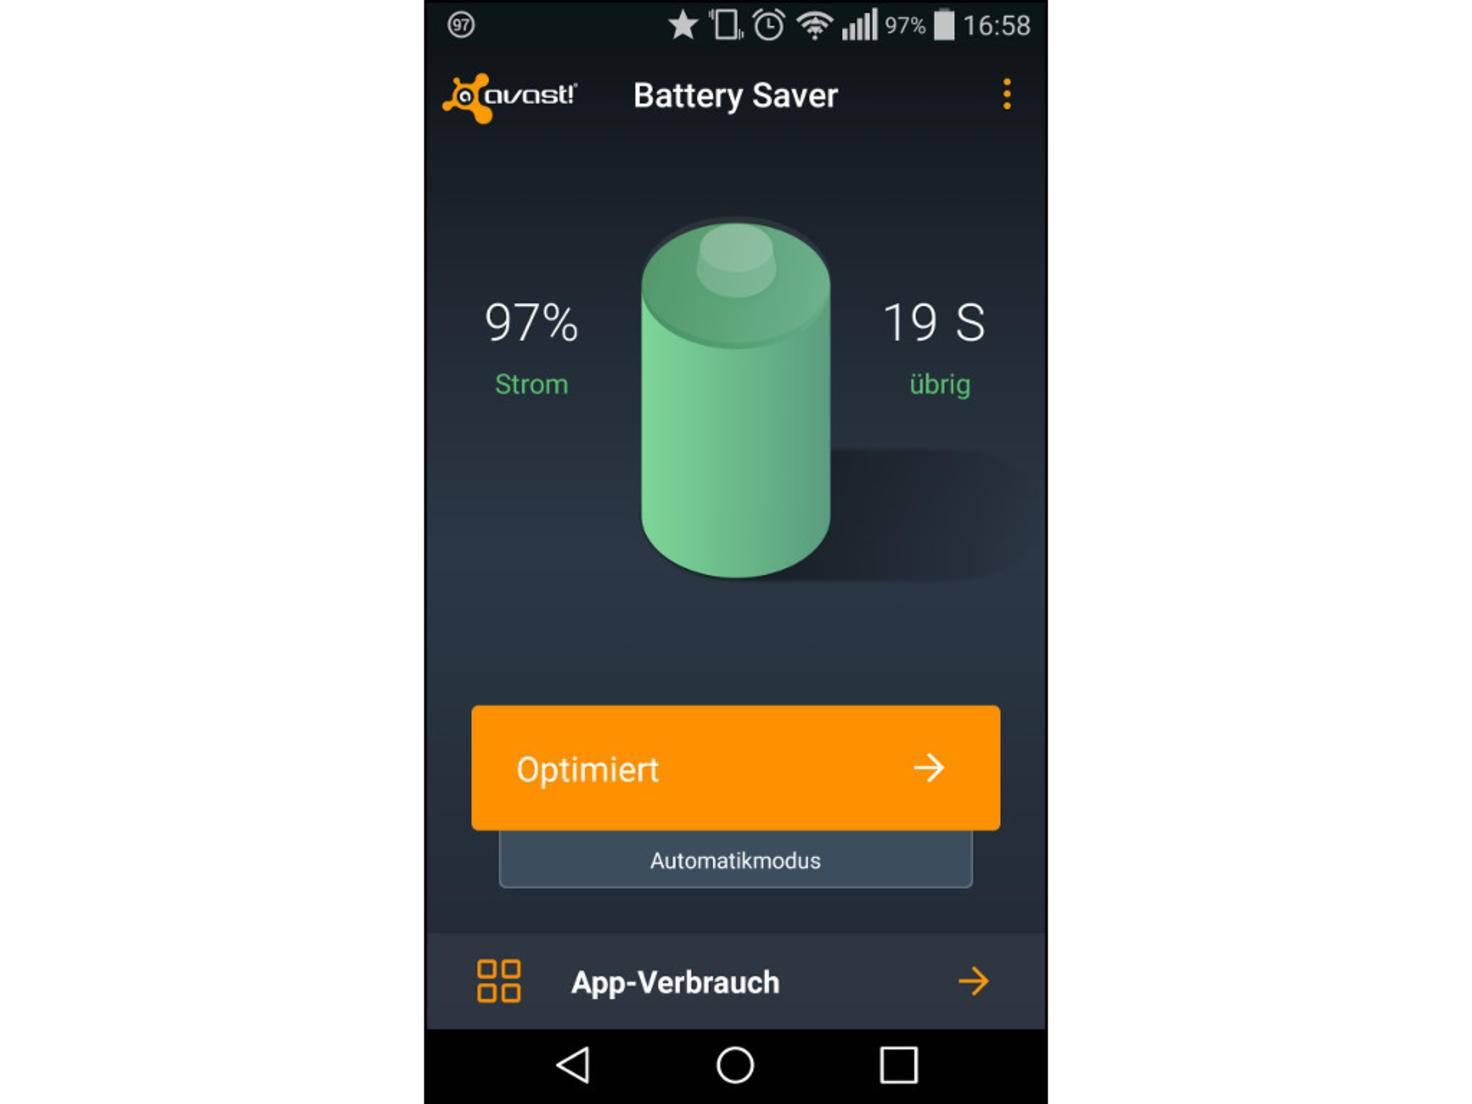 Auch Avast Battery Saver bietet unterschiedliche Stromprofile.